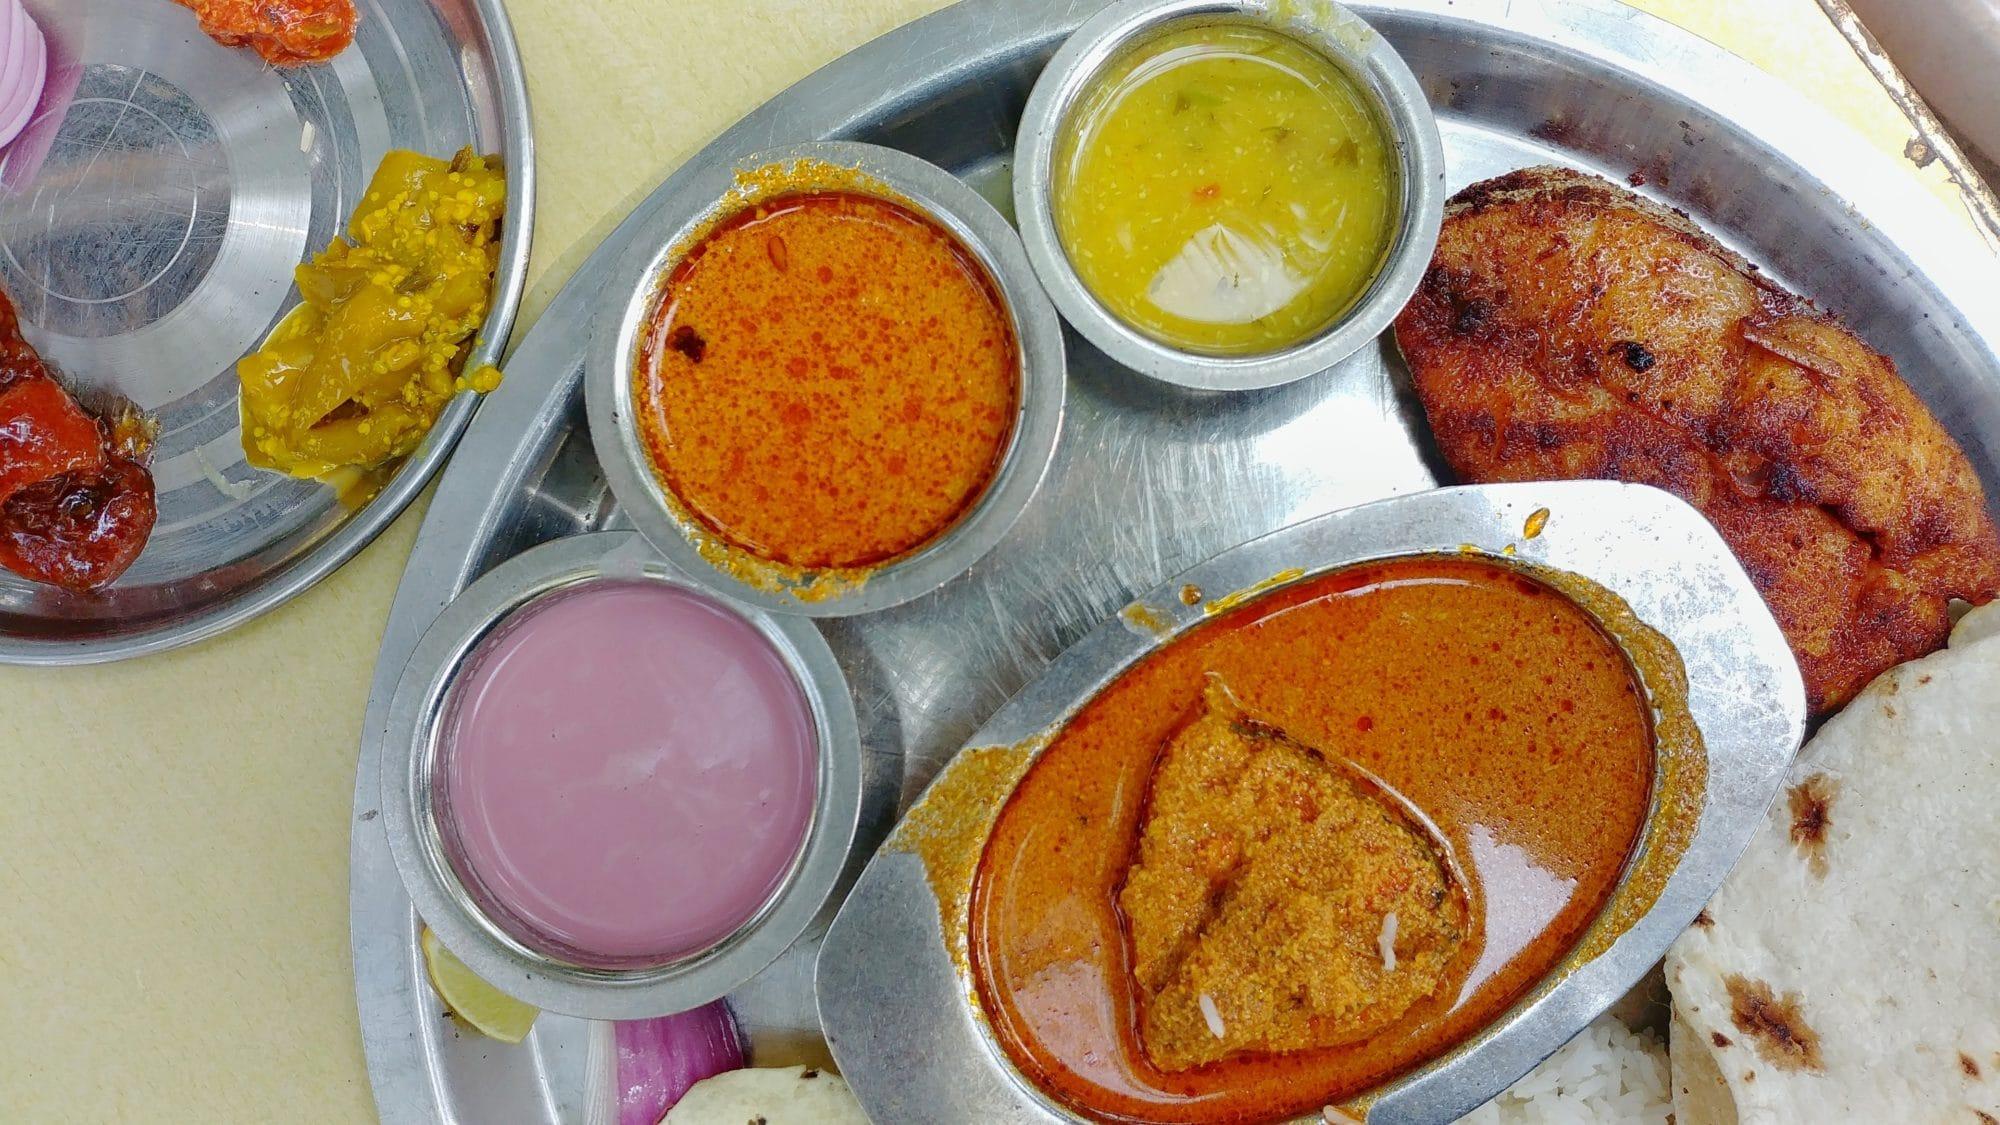 Surmai thali, Patil Khanawal, Murud